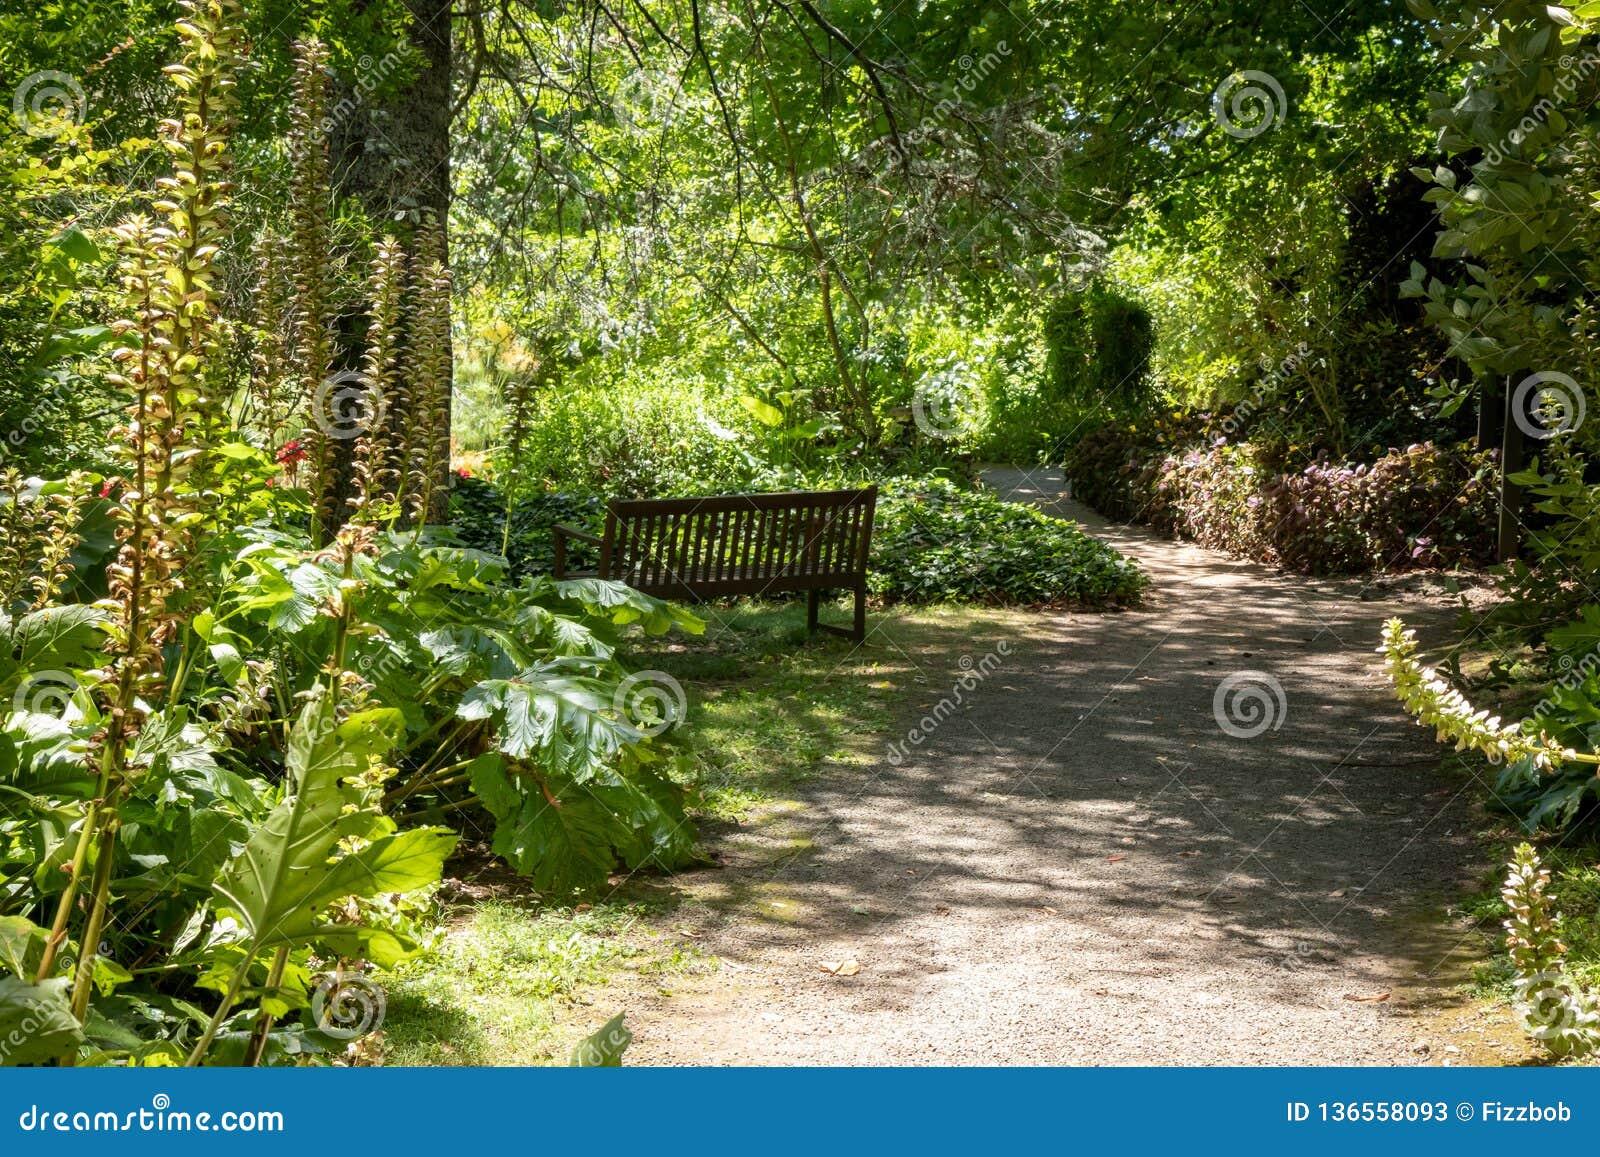 Heavy Duty Counter Stools, Garden Bench Overlooking A Garden In New Zealand Stock Image Image Of Nature Gardener 136558093